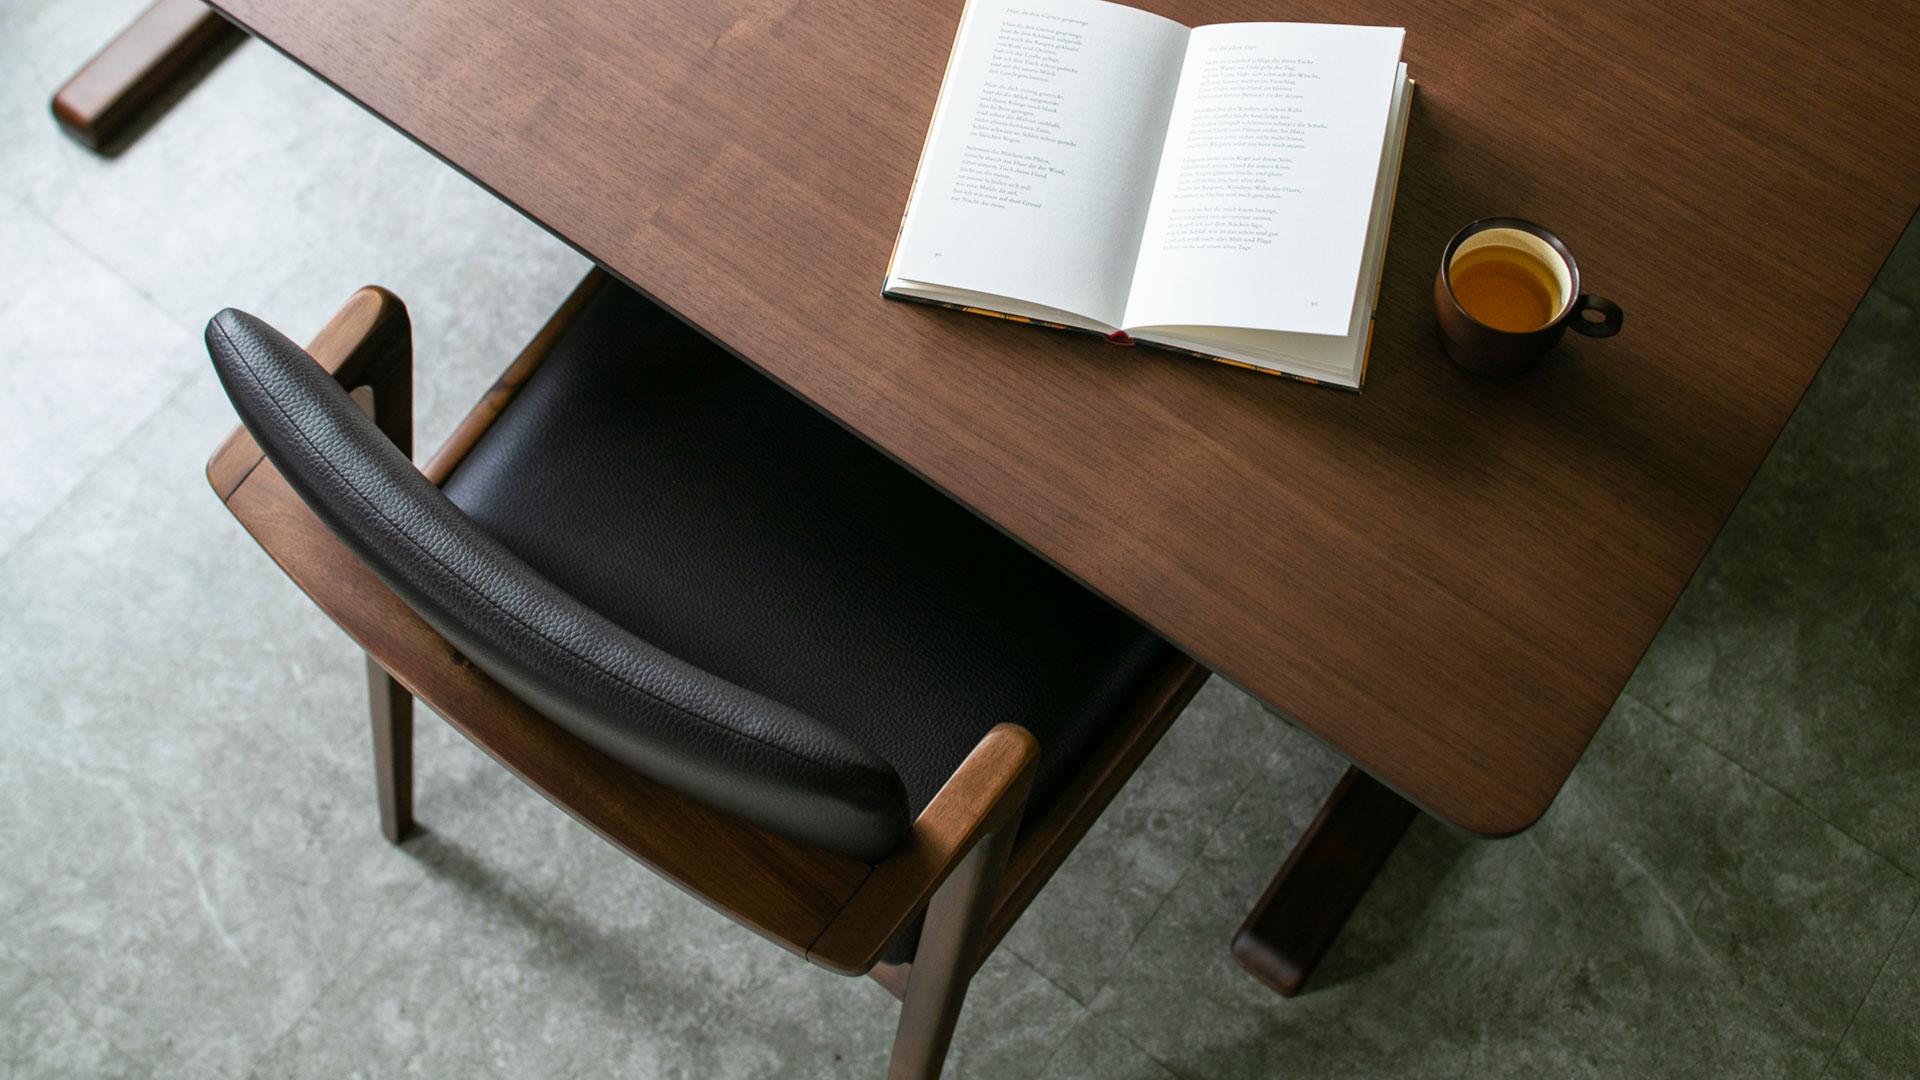 リビンズのダイニングセット「シアトル」のテーブルと椅子のアップの画像